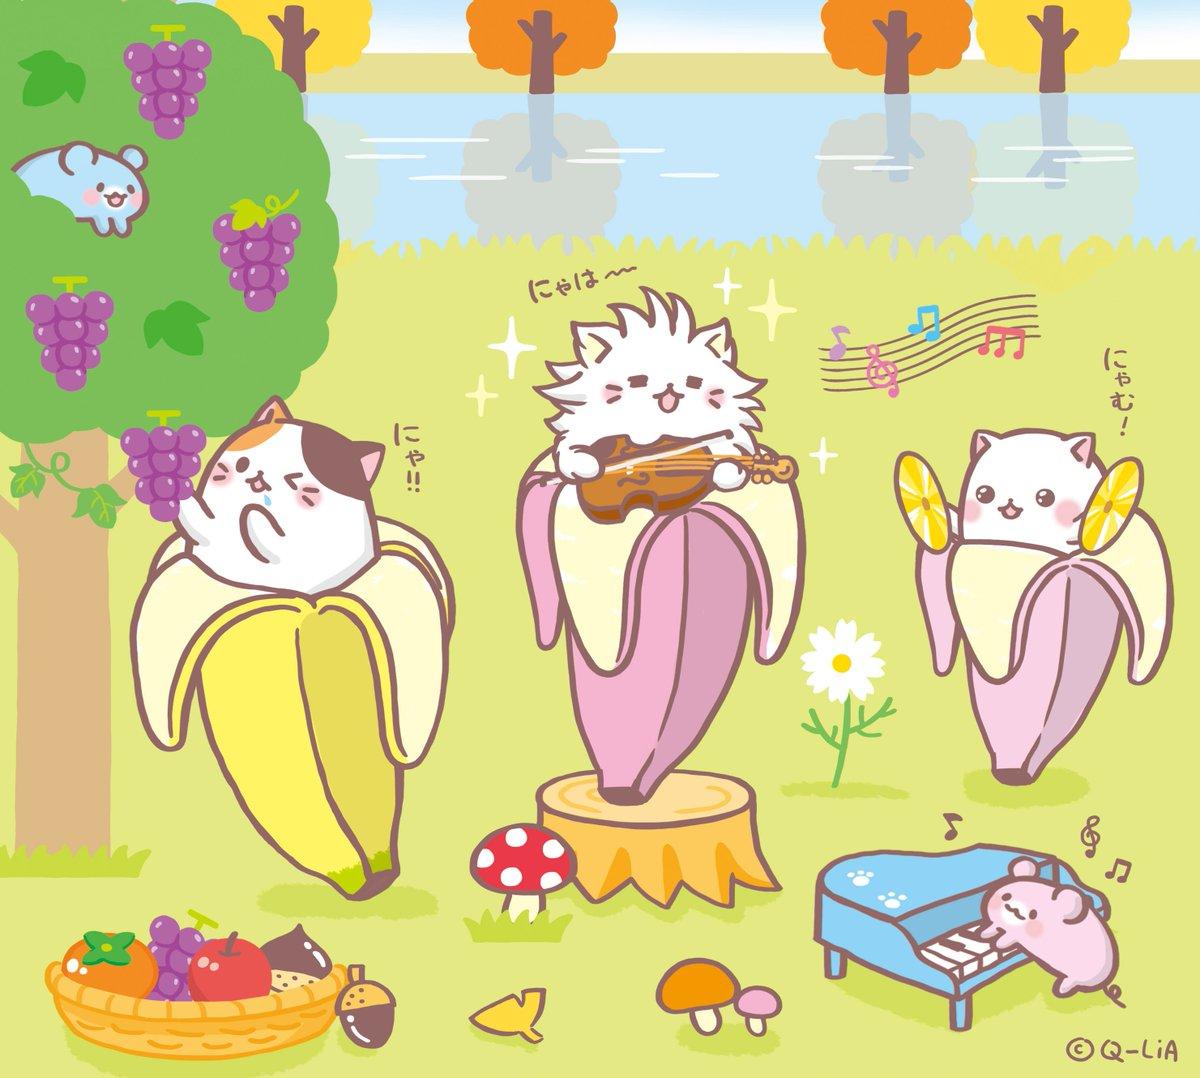 【ばなにゃ達の秋】それぞれが好きなよ〜うに秋を楽しんでいるそうですにゃ #ばなにゃ